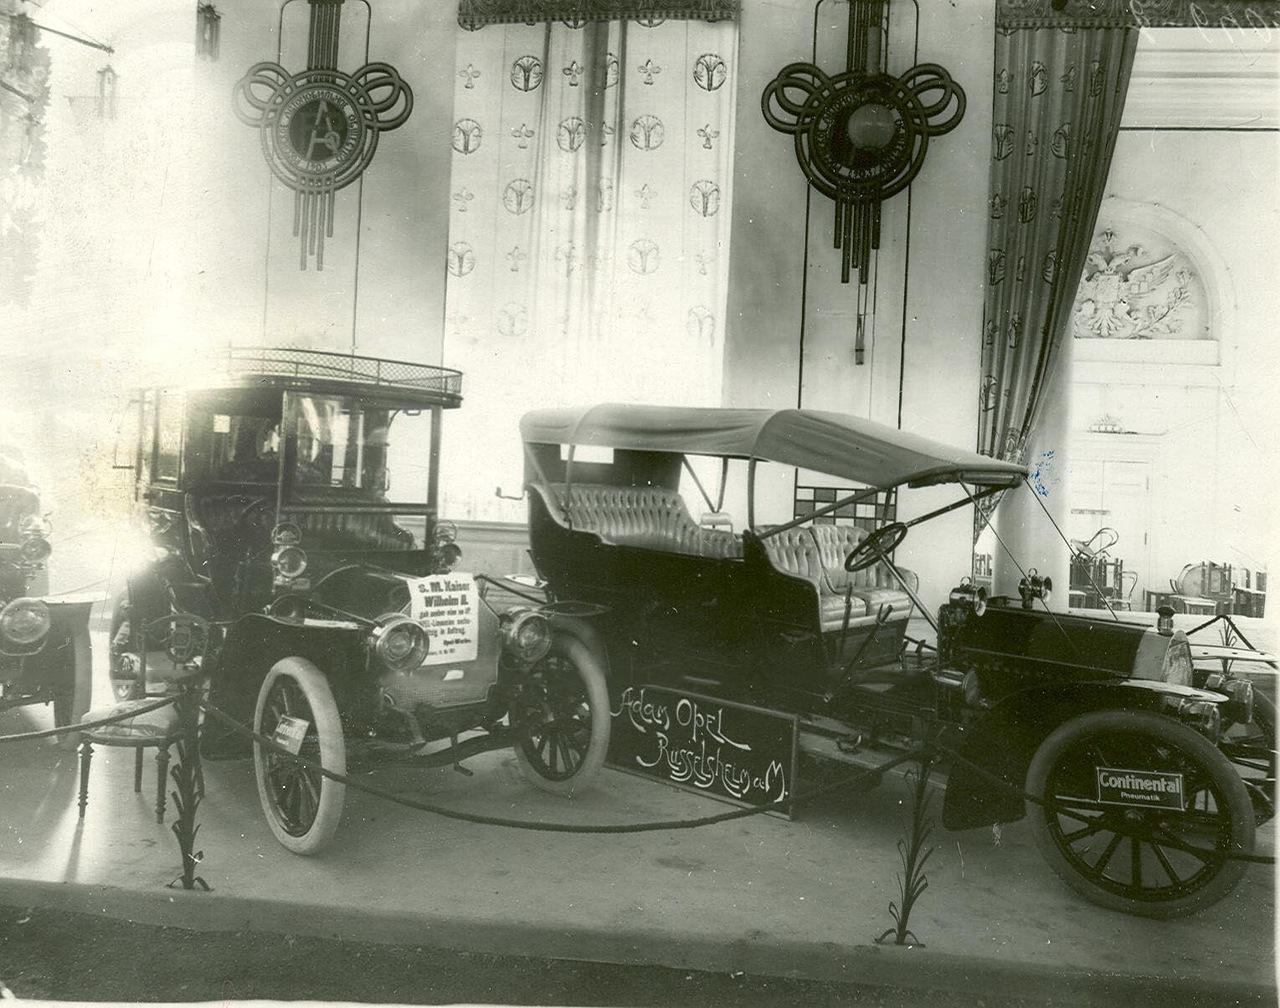 0_a93ef_ea232b16_XXXLАвтомобили фирмы Опель - экспонаты выставки.